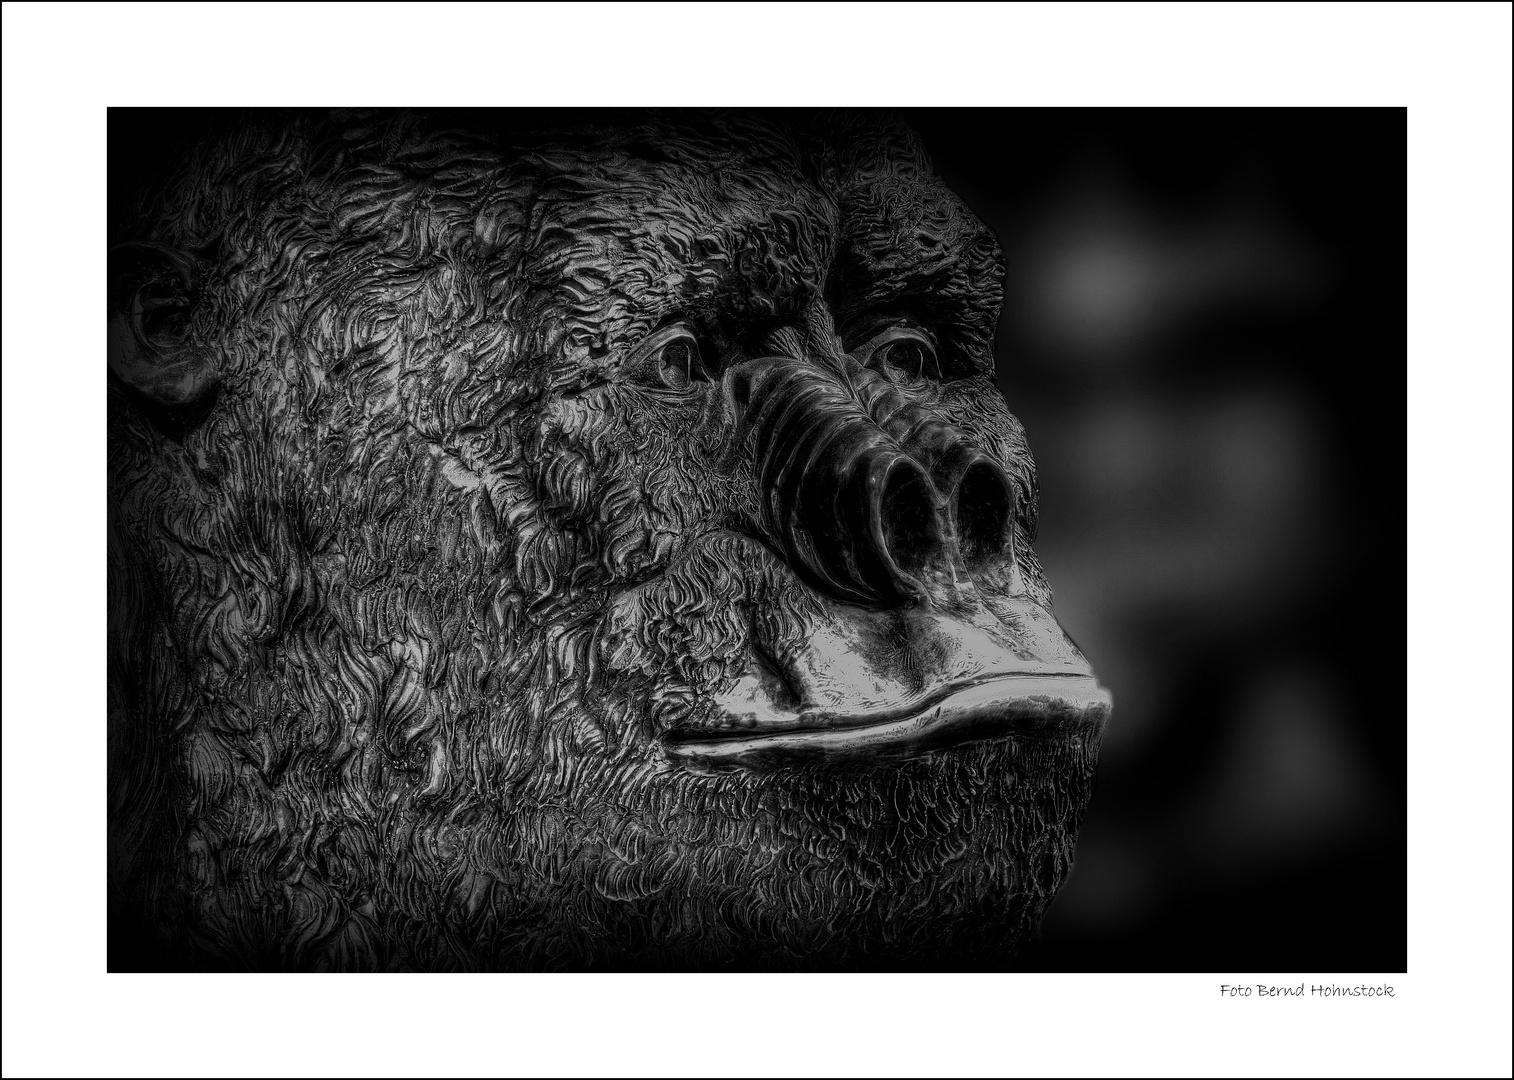 Gorilla ...